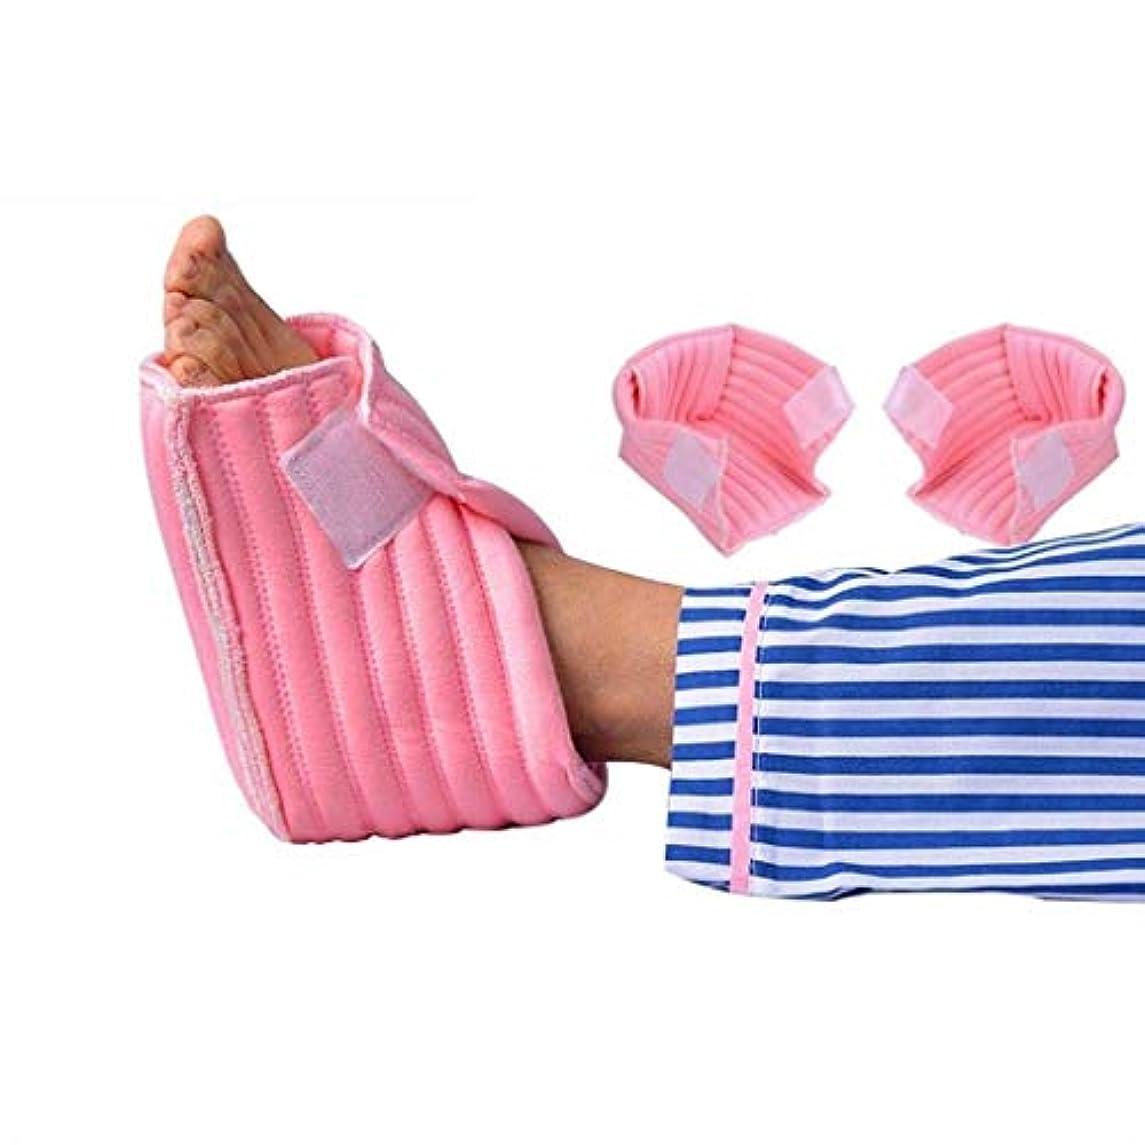 該当するビーム身元TONGSH かかとの枕-ウィッキング生地-ピンク-潰瘍の予防、足/かかとへの圧力を軽減 (Size : 1pcs)